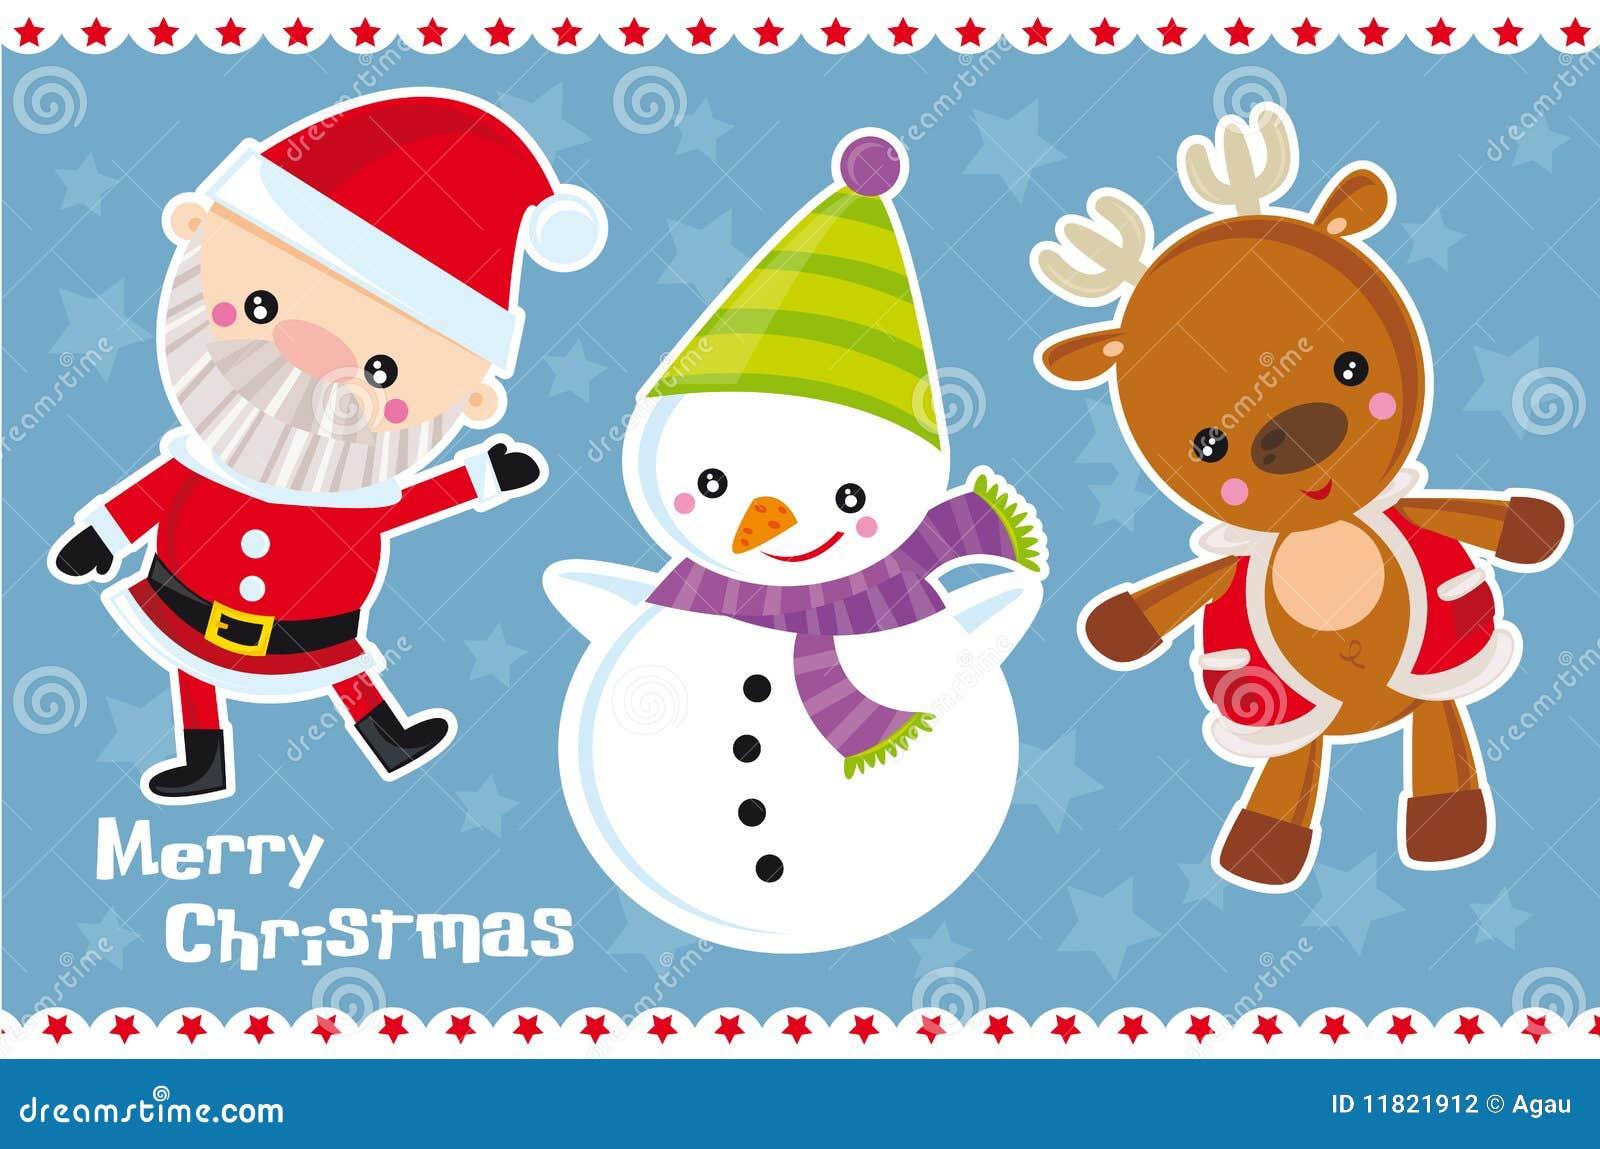 Christmas charcters